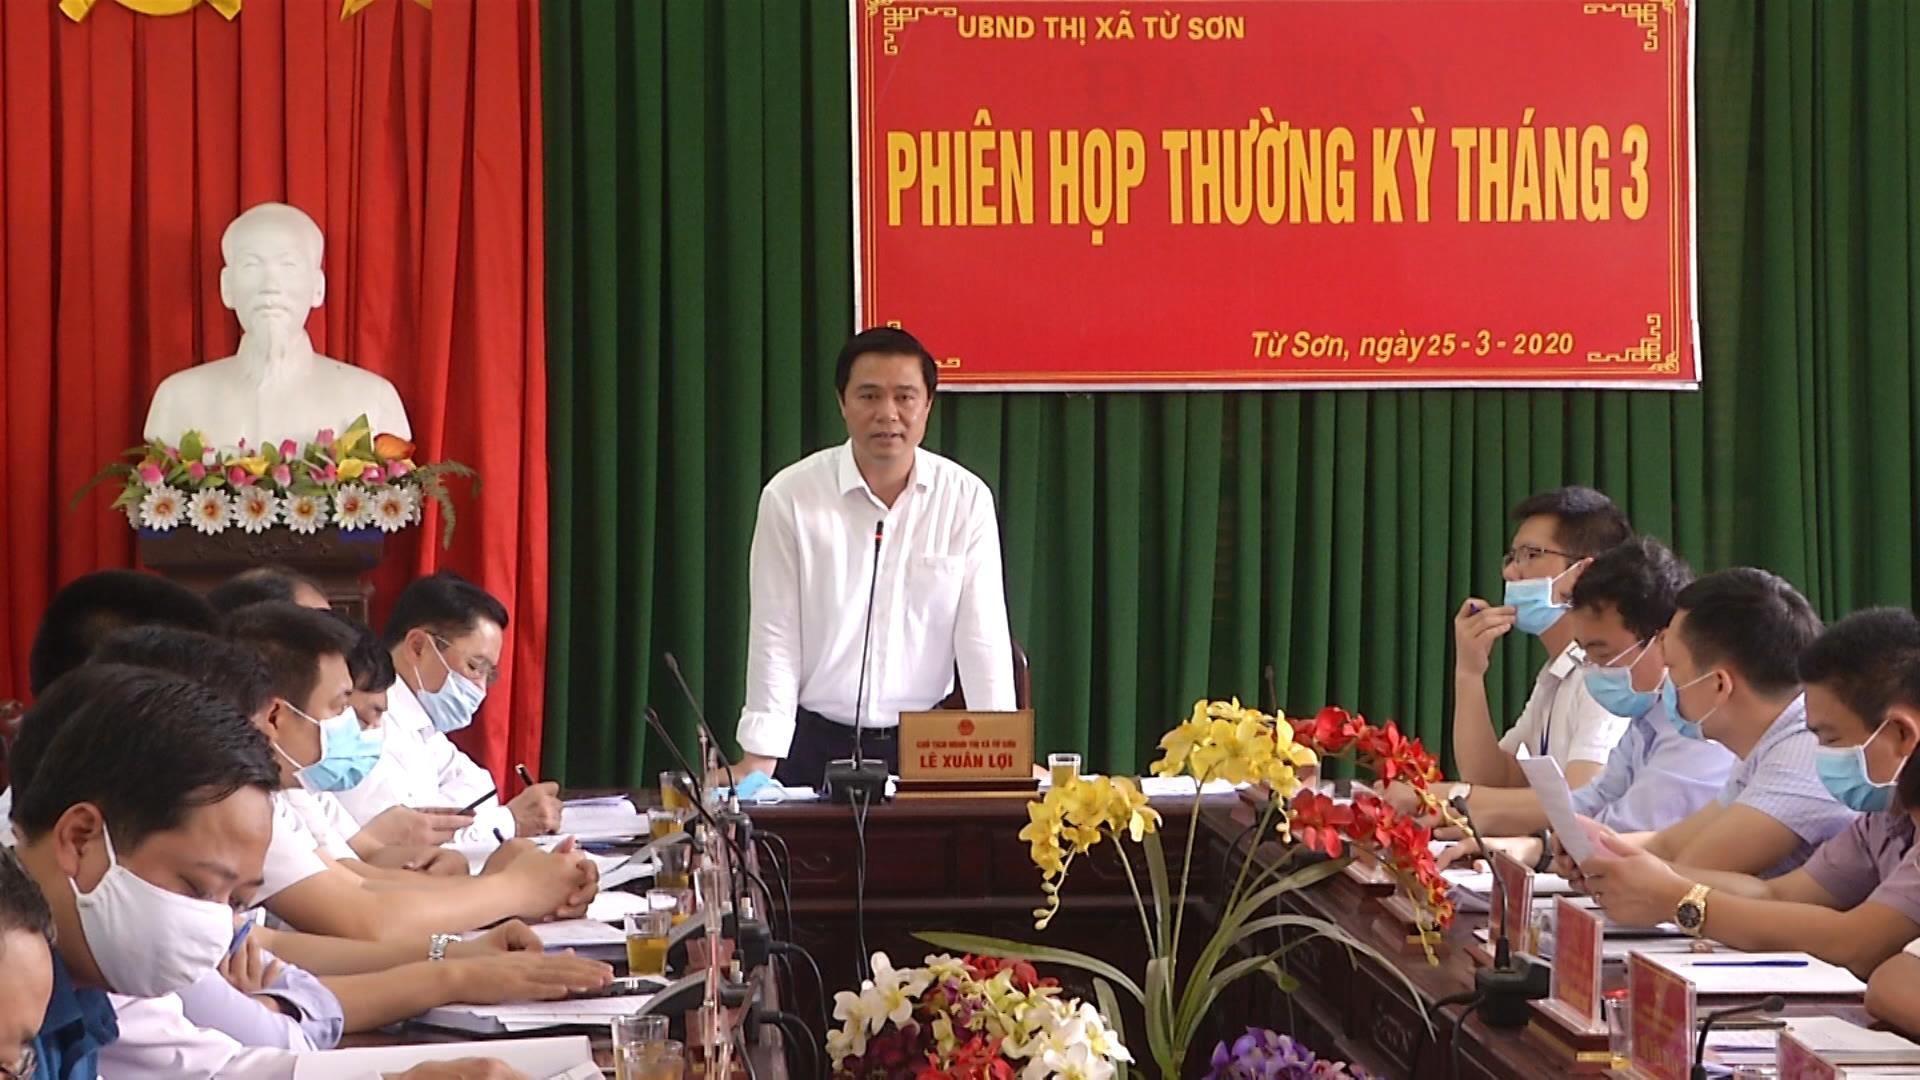 Thị xã Từ Sơn họp phiên thường kỳ tháng 3